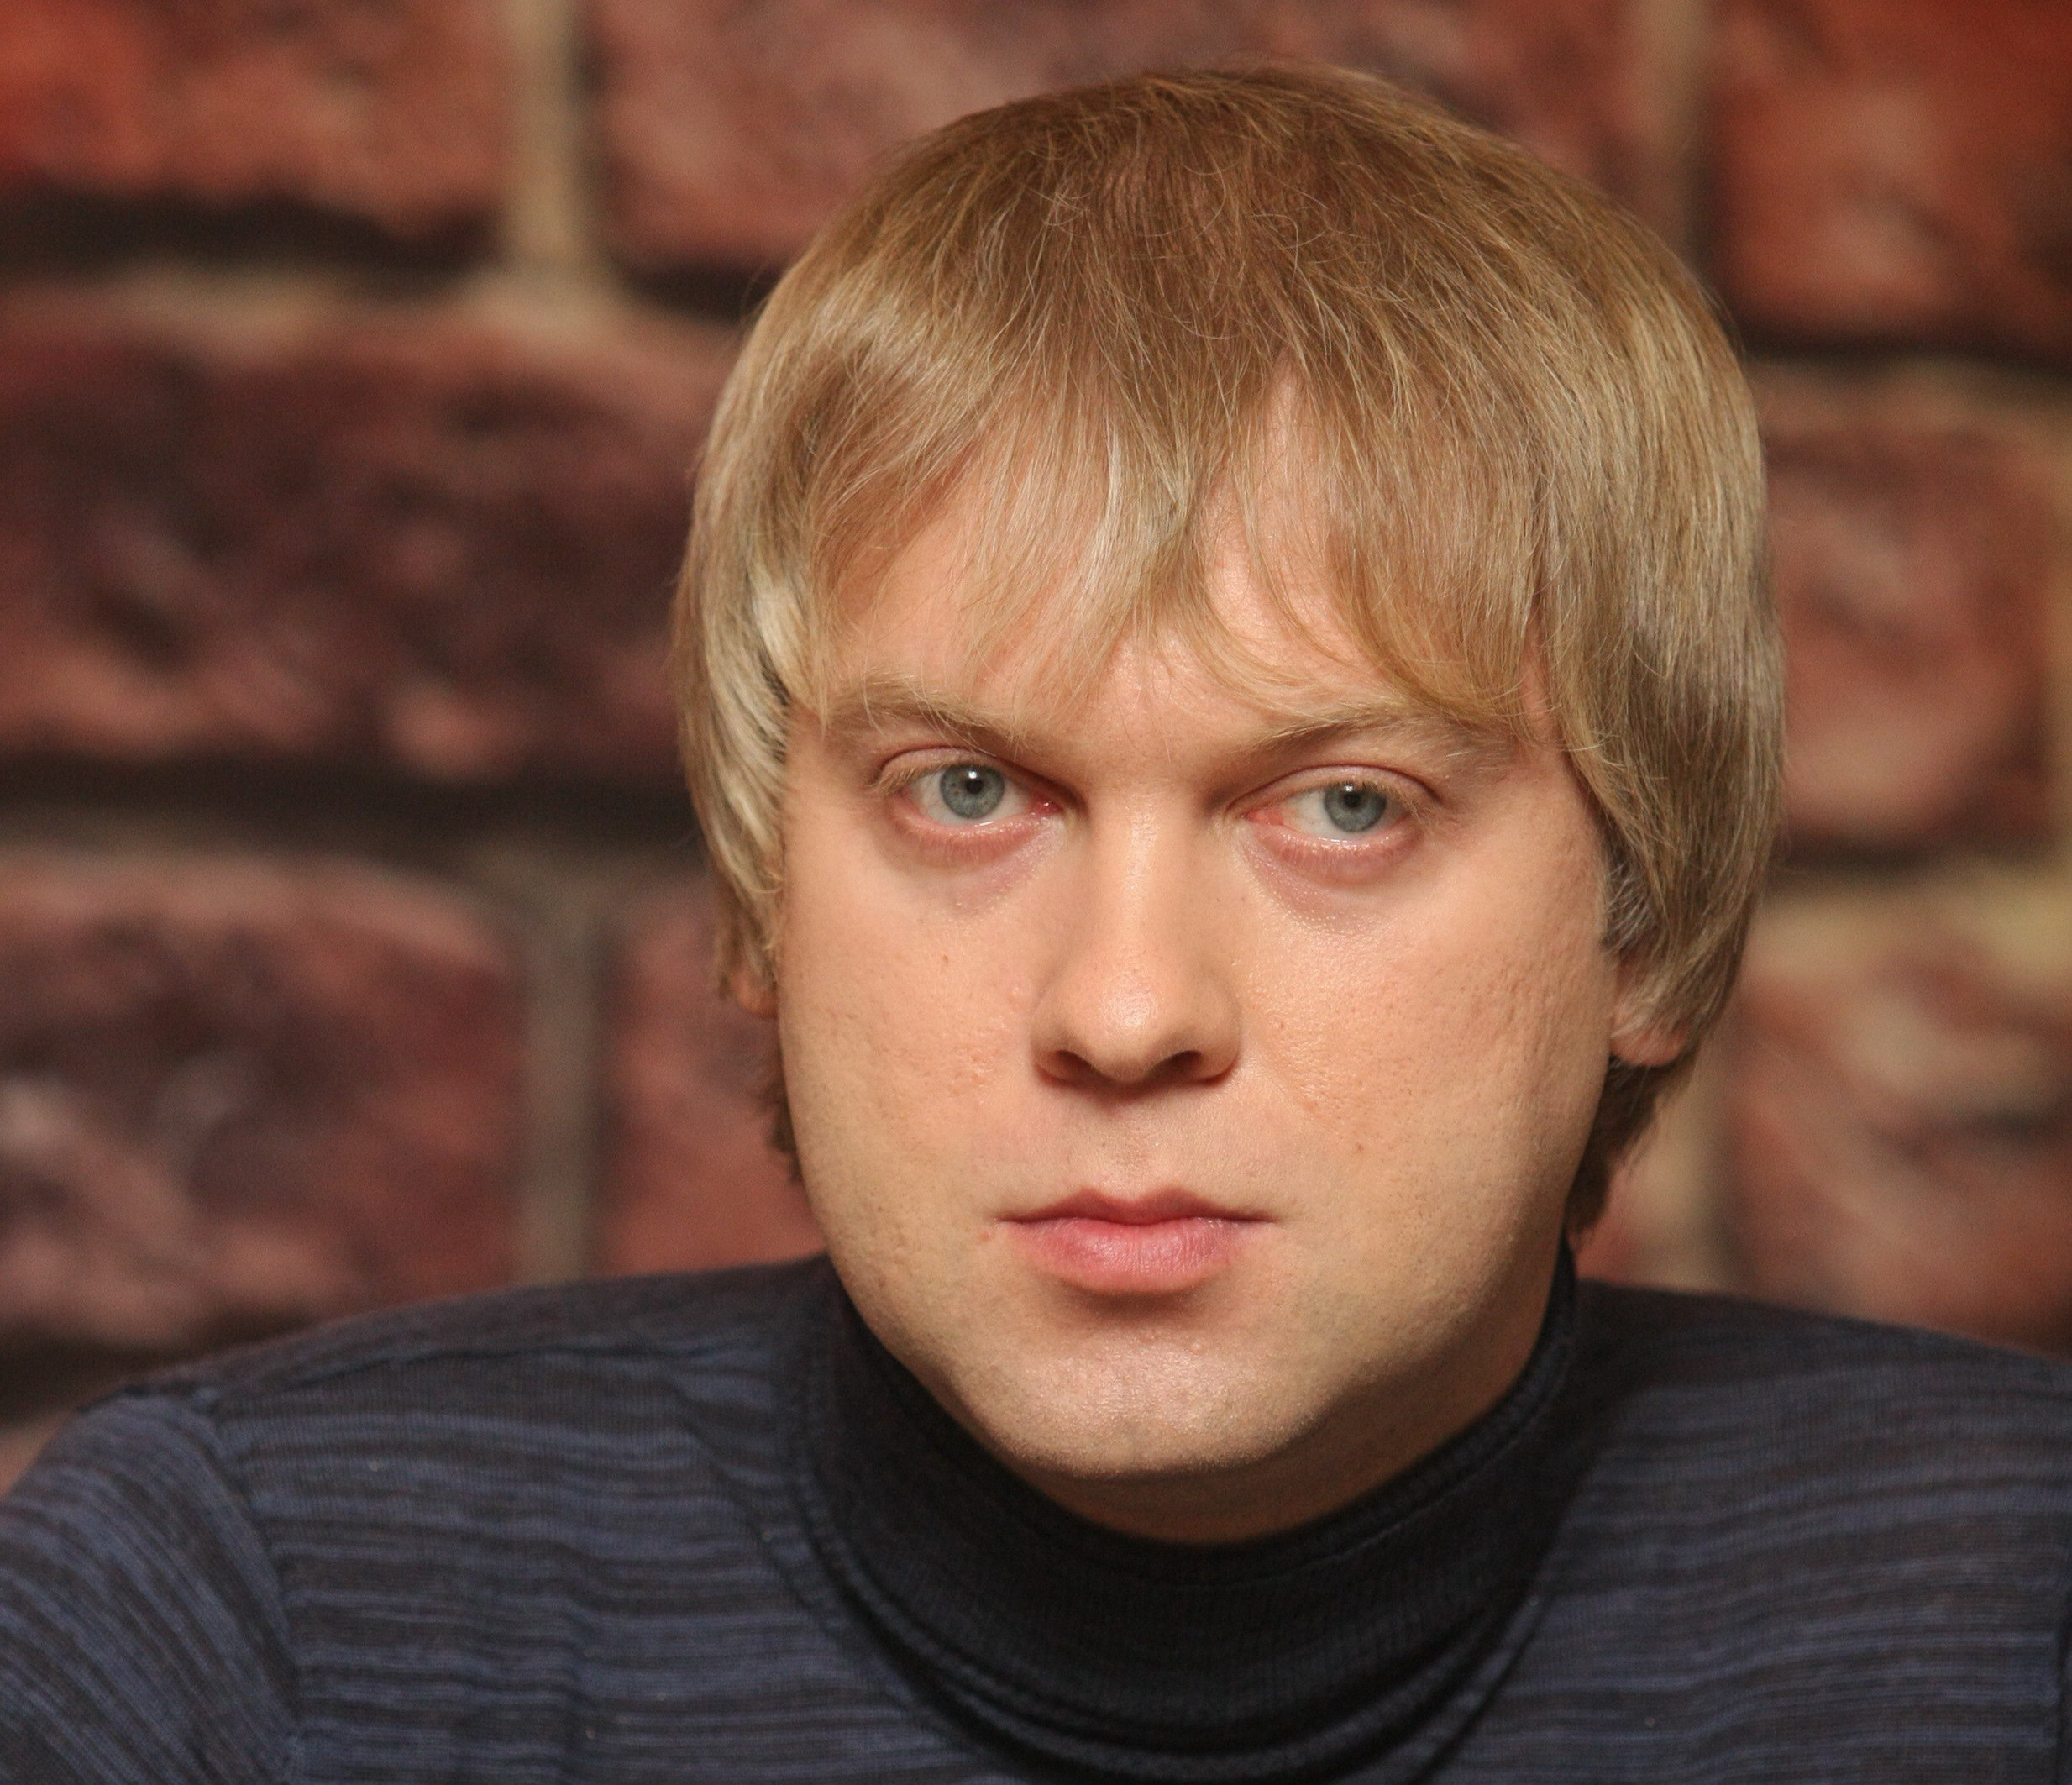 Сегодня свой день рождения отмечает Светлаков Сергей Юрьевич.